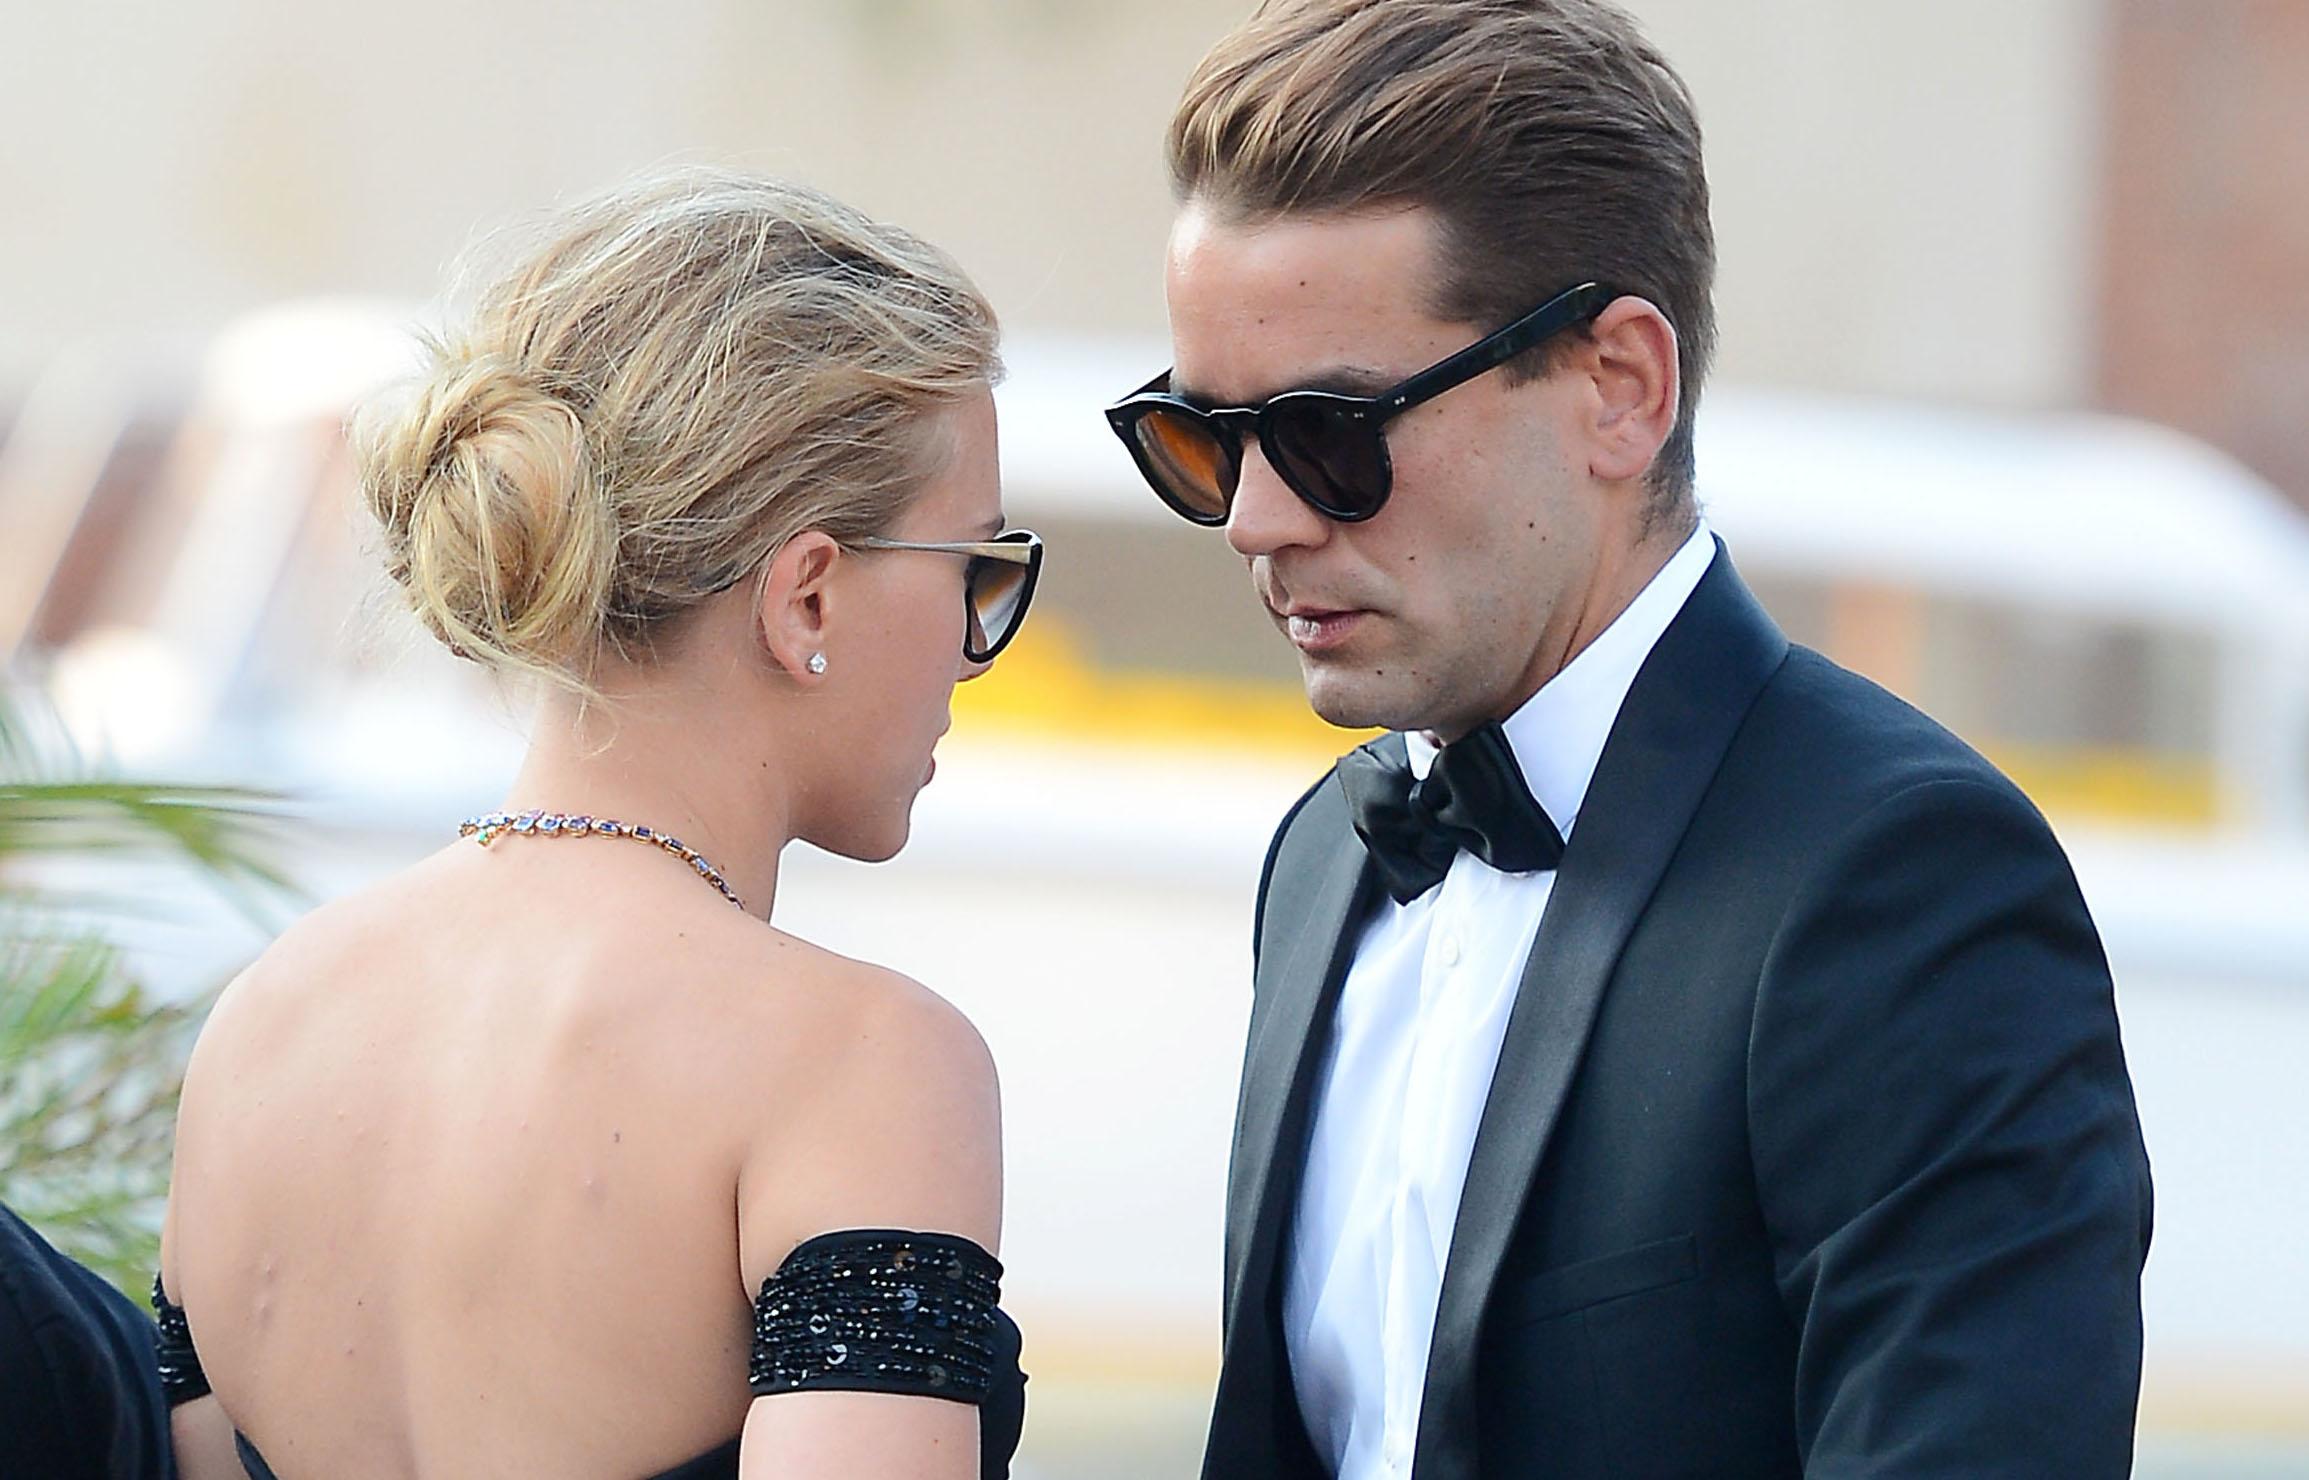 Matrimonio In Segreto : Scarlett johansson matrimonio in segreto con romain